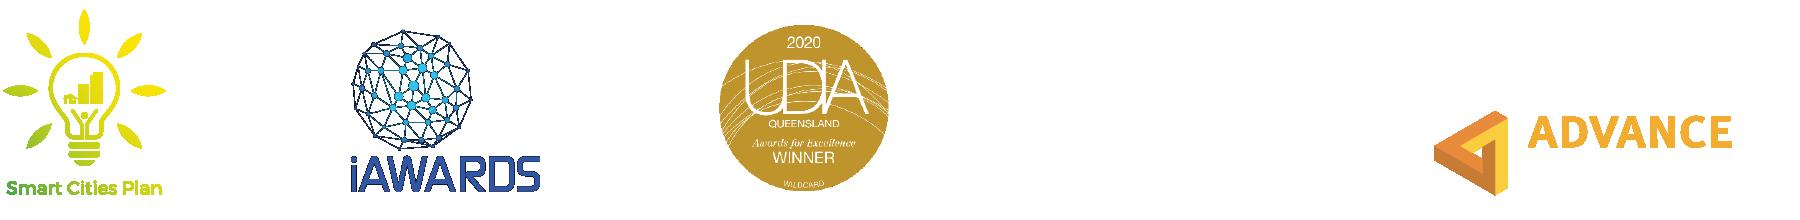 award-logos_DESK